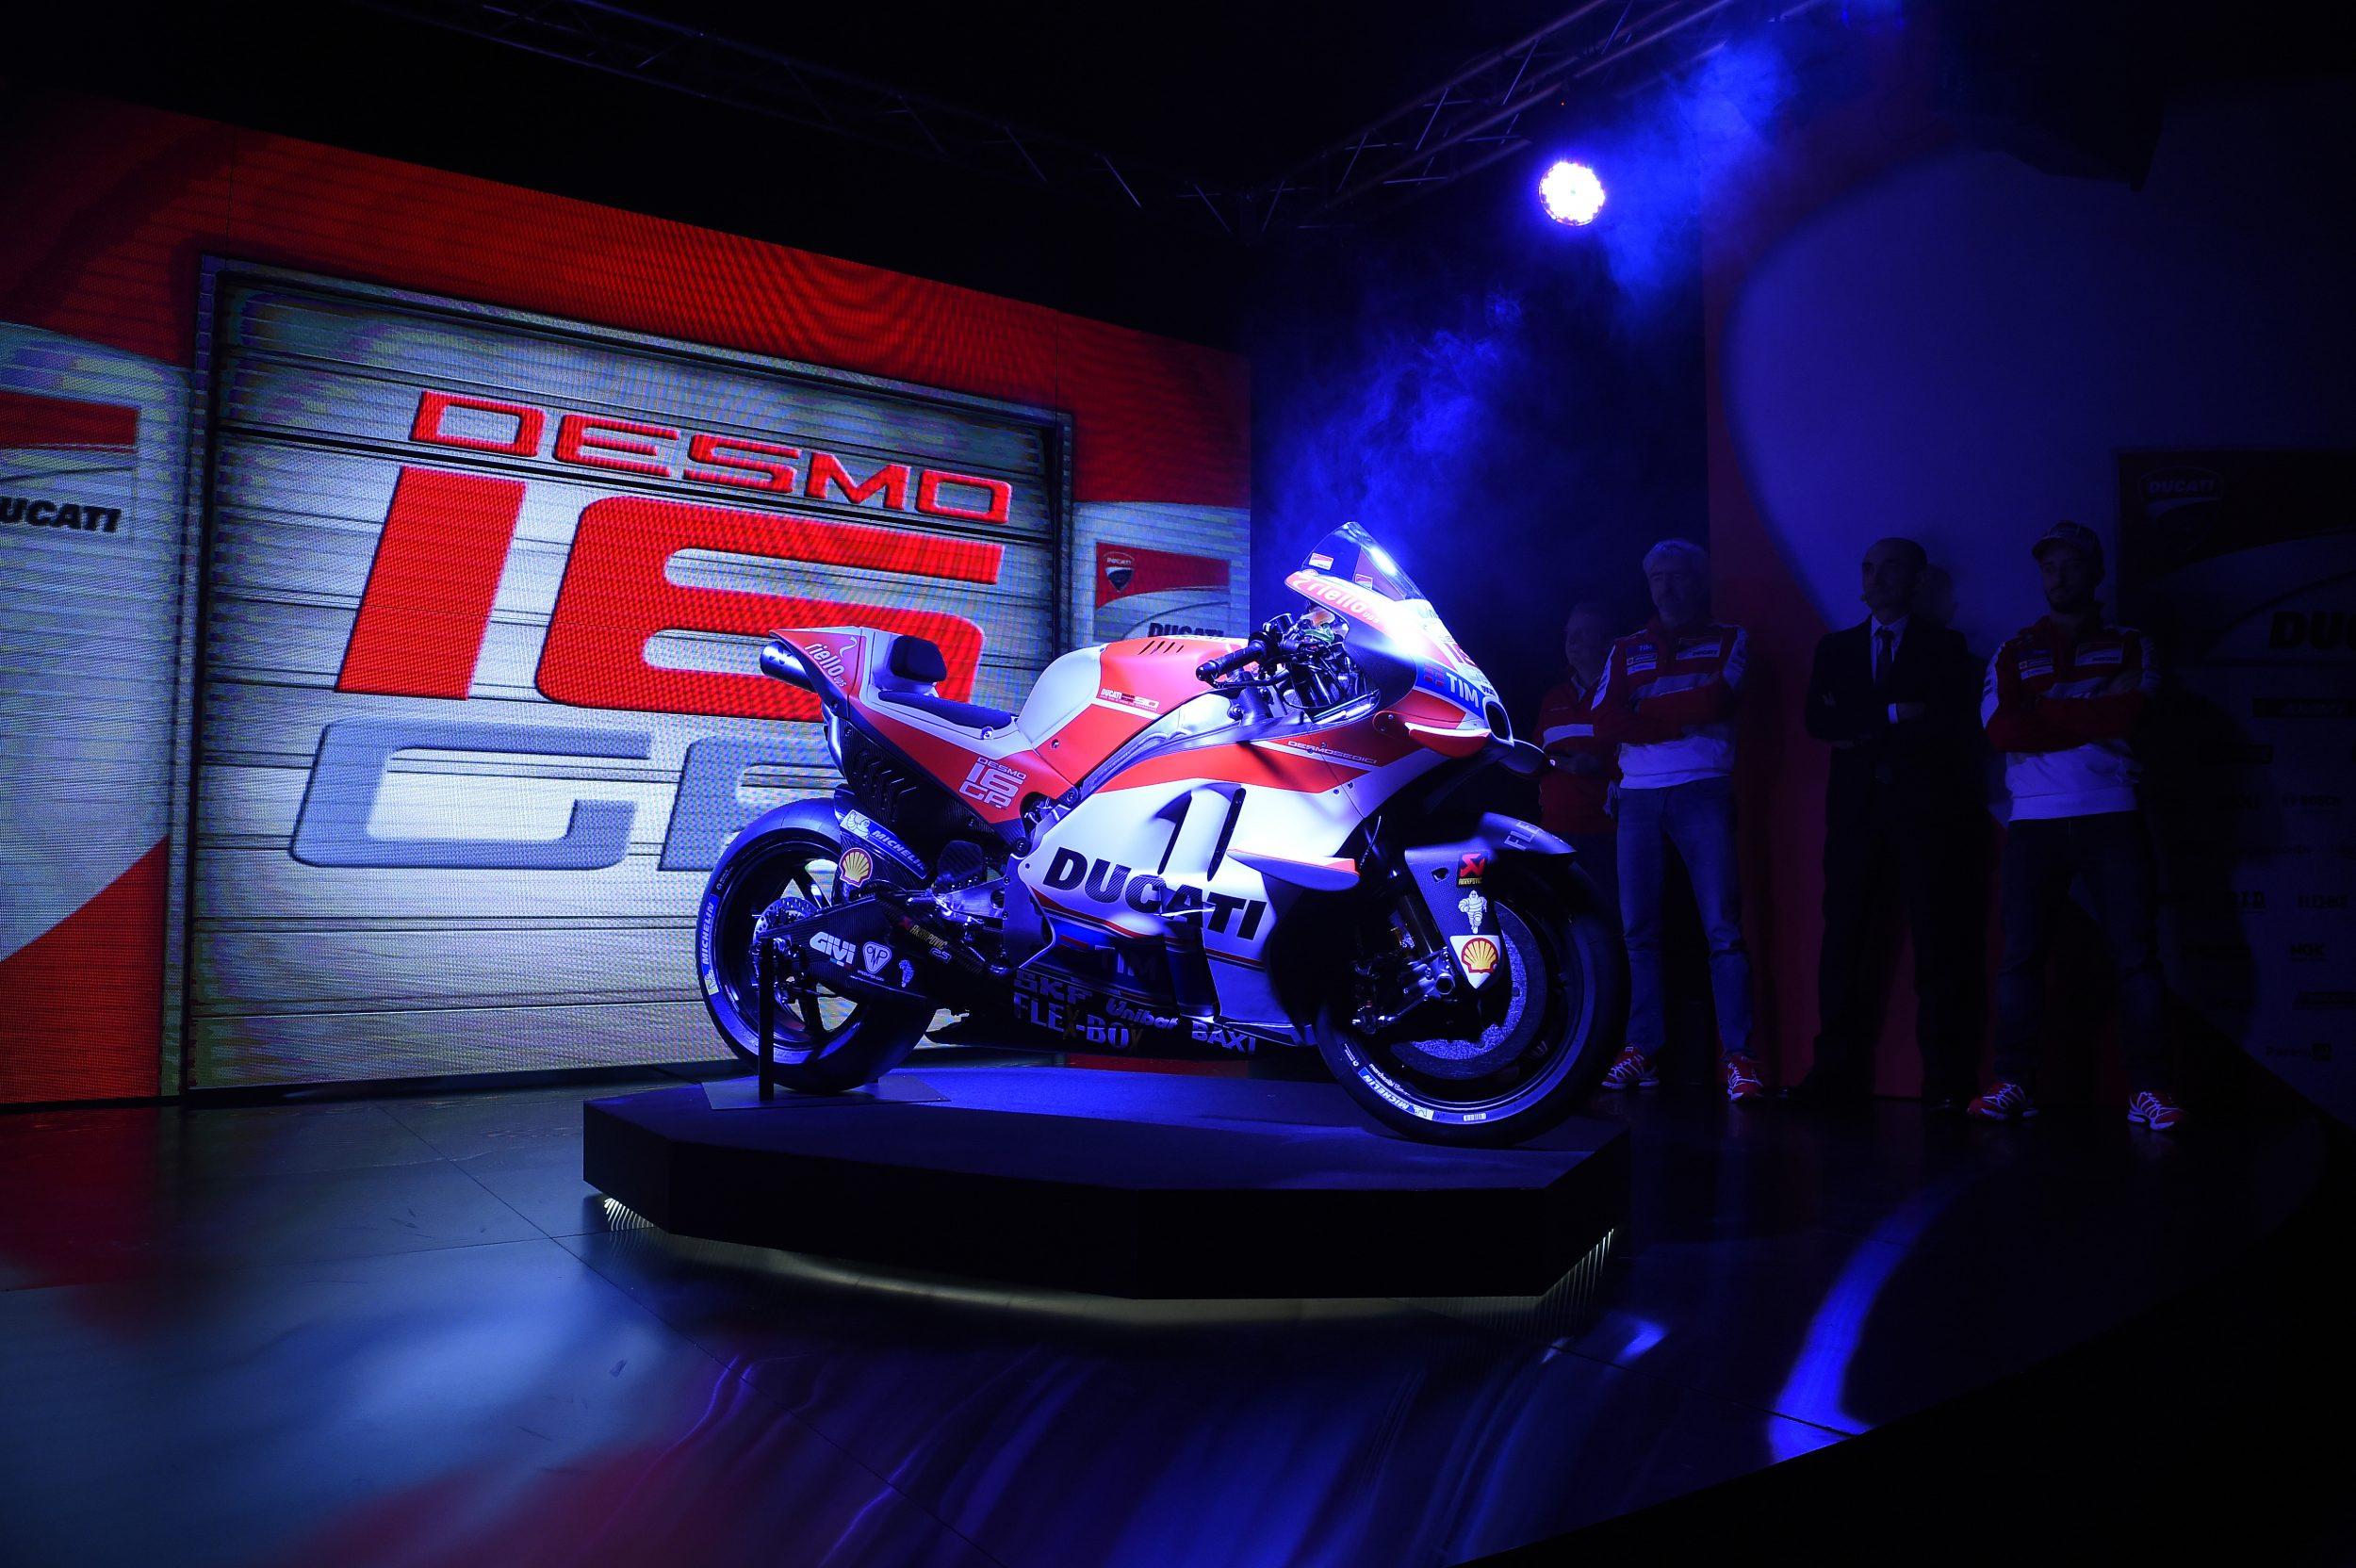 Presentato il Ducati Team 2016 all'Auditorium Ducati di Bologna